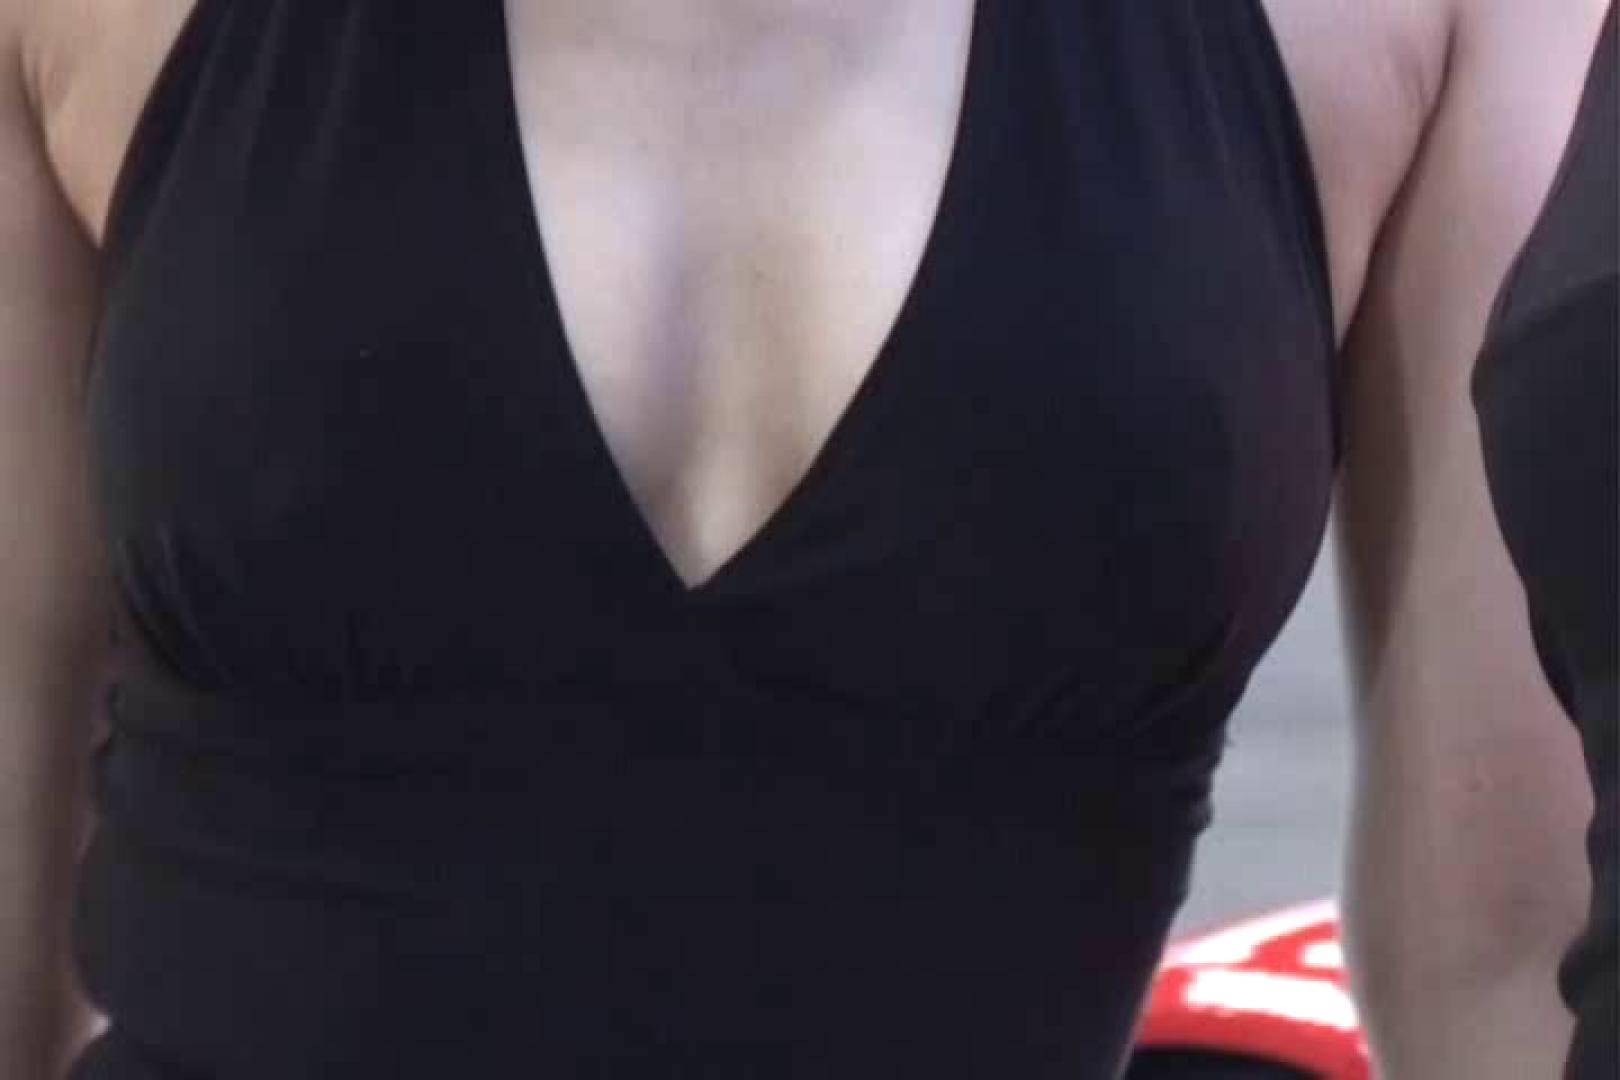 胸チラはもらった~!!胸元争奪戦!!Vol.2 巨乳 オマンコ動画キャプチャ 93画像 63